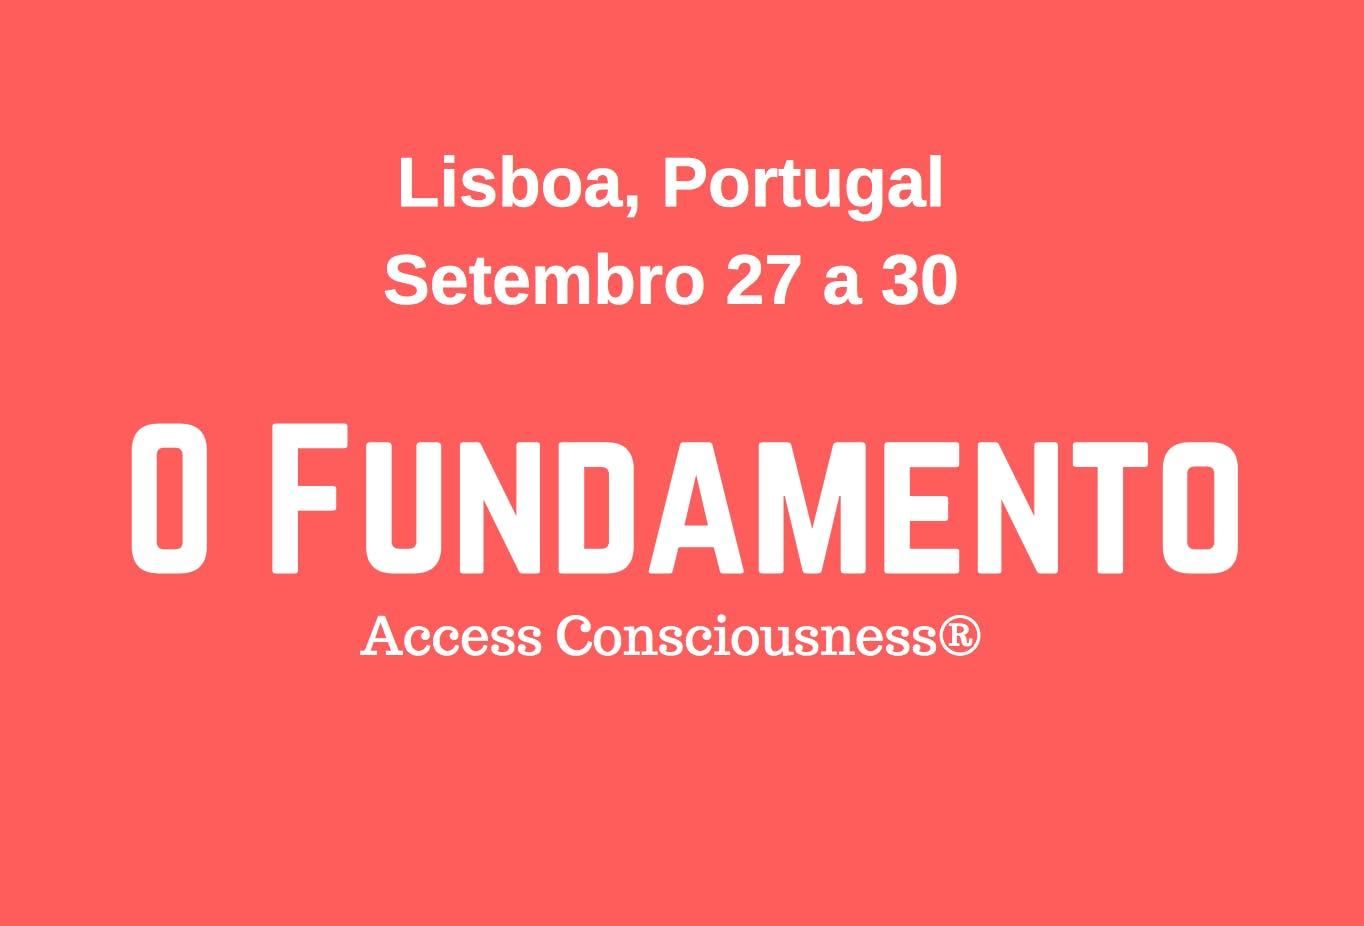 O Fundamento em Lisboa, Portugal